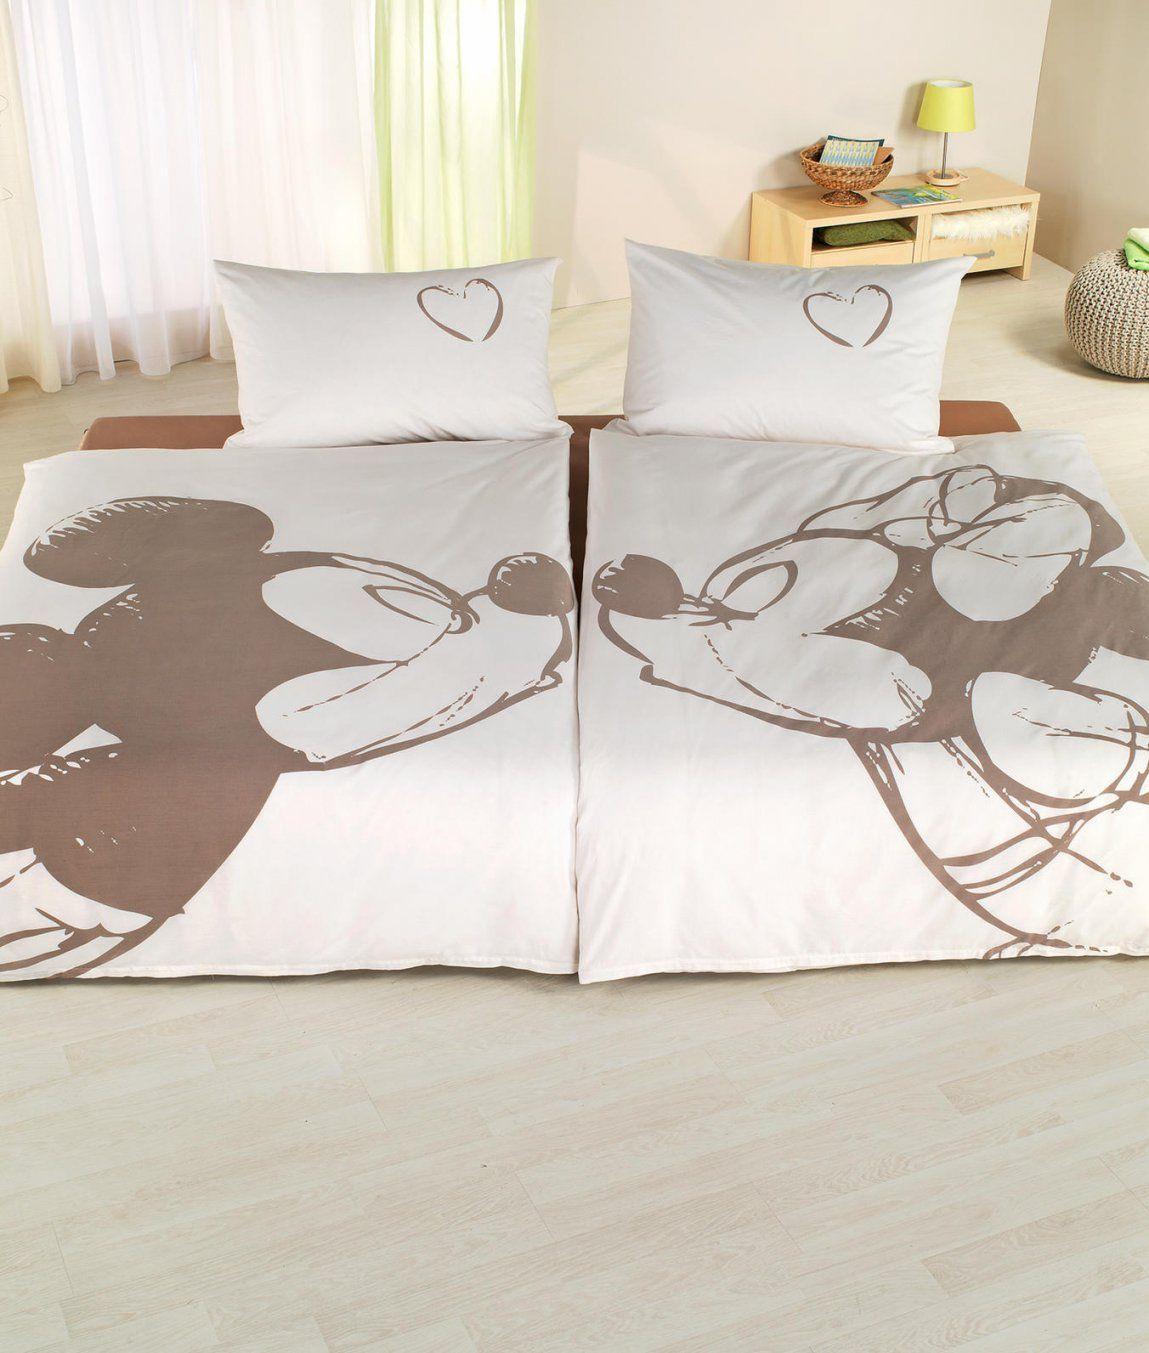 Mickey Mouse Partnerbettwäsche Im 2Erset Kaufen  Angela Bruderer von Partner Bettwäsche Mickey Mouse Und Minnie Mouse Bild